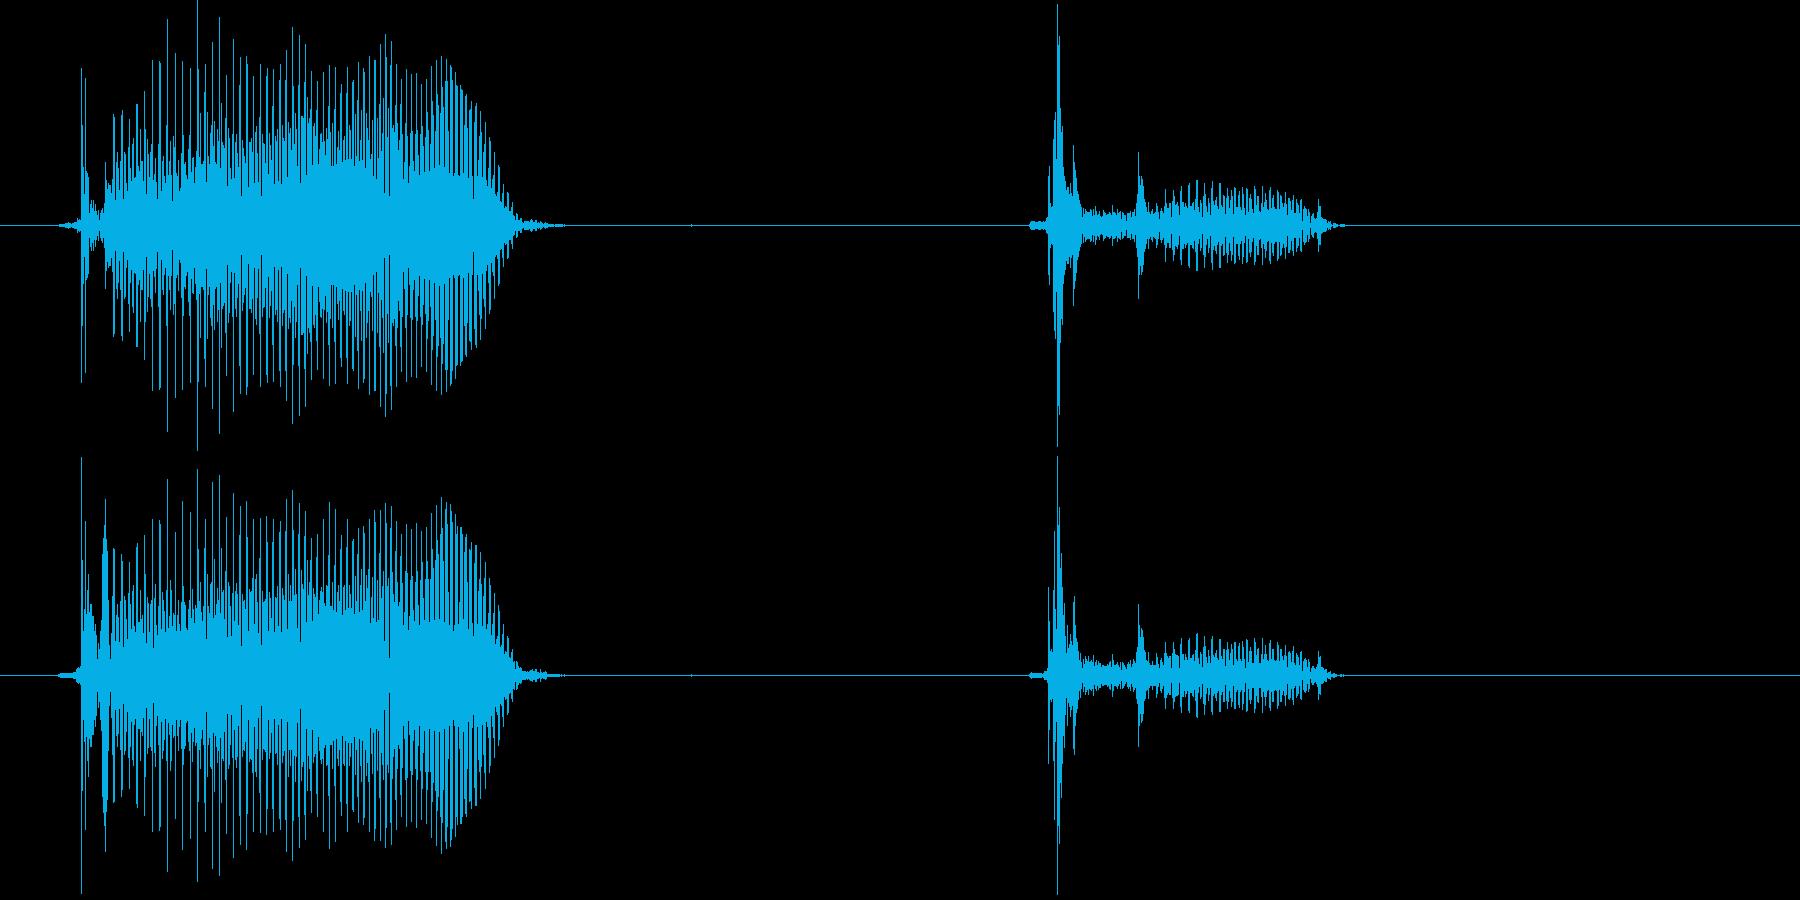 バイク(2歳児の生声です)の再生済みの波形